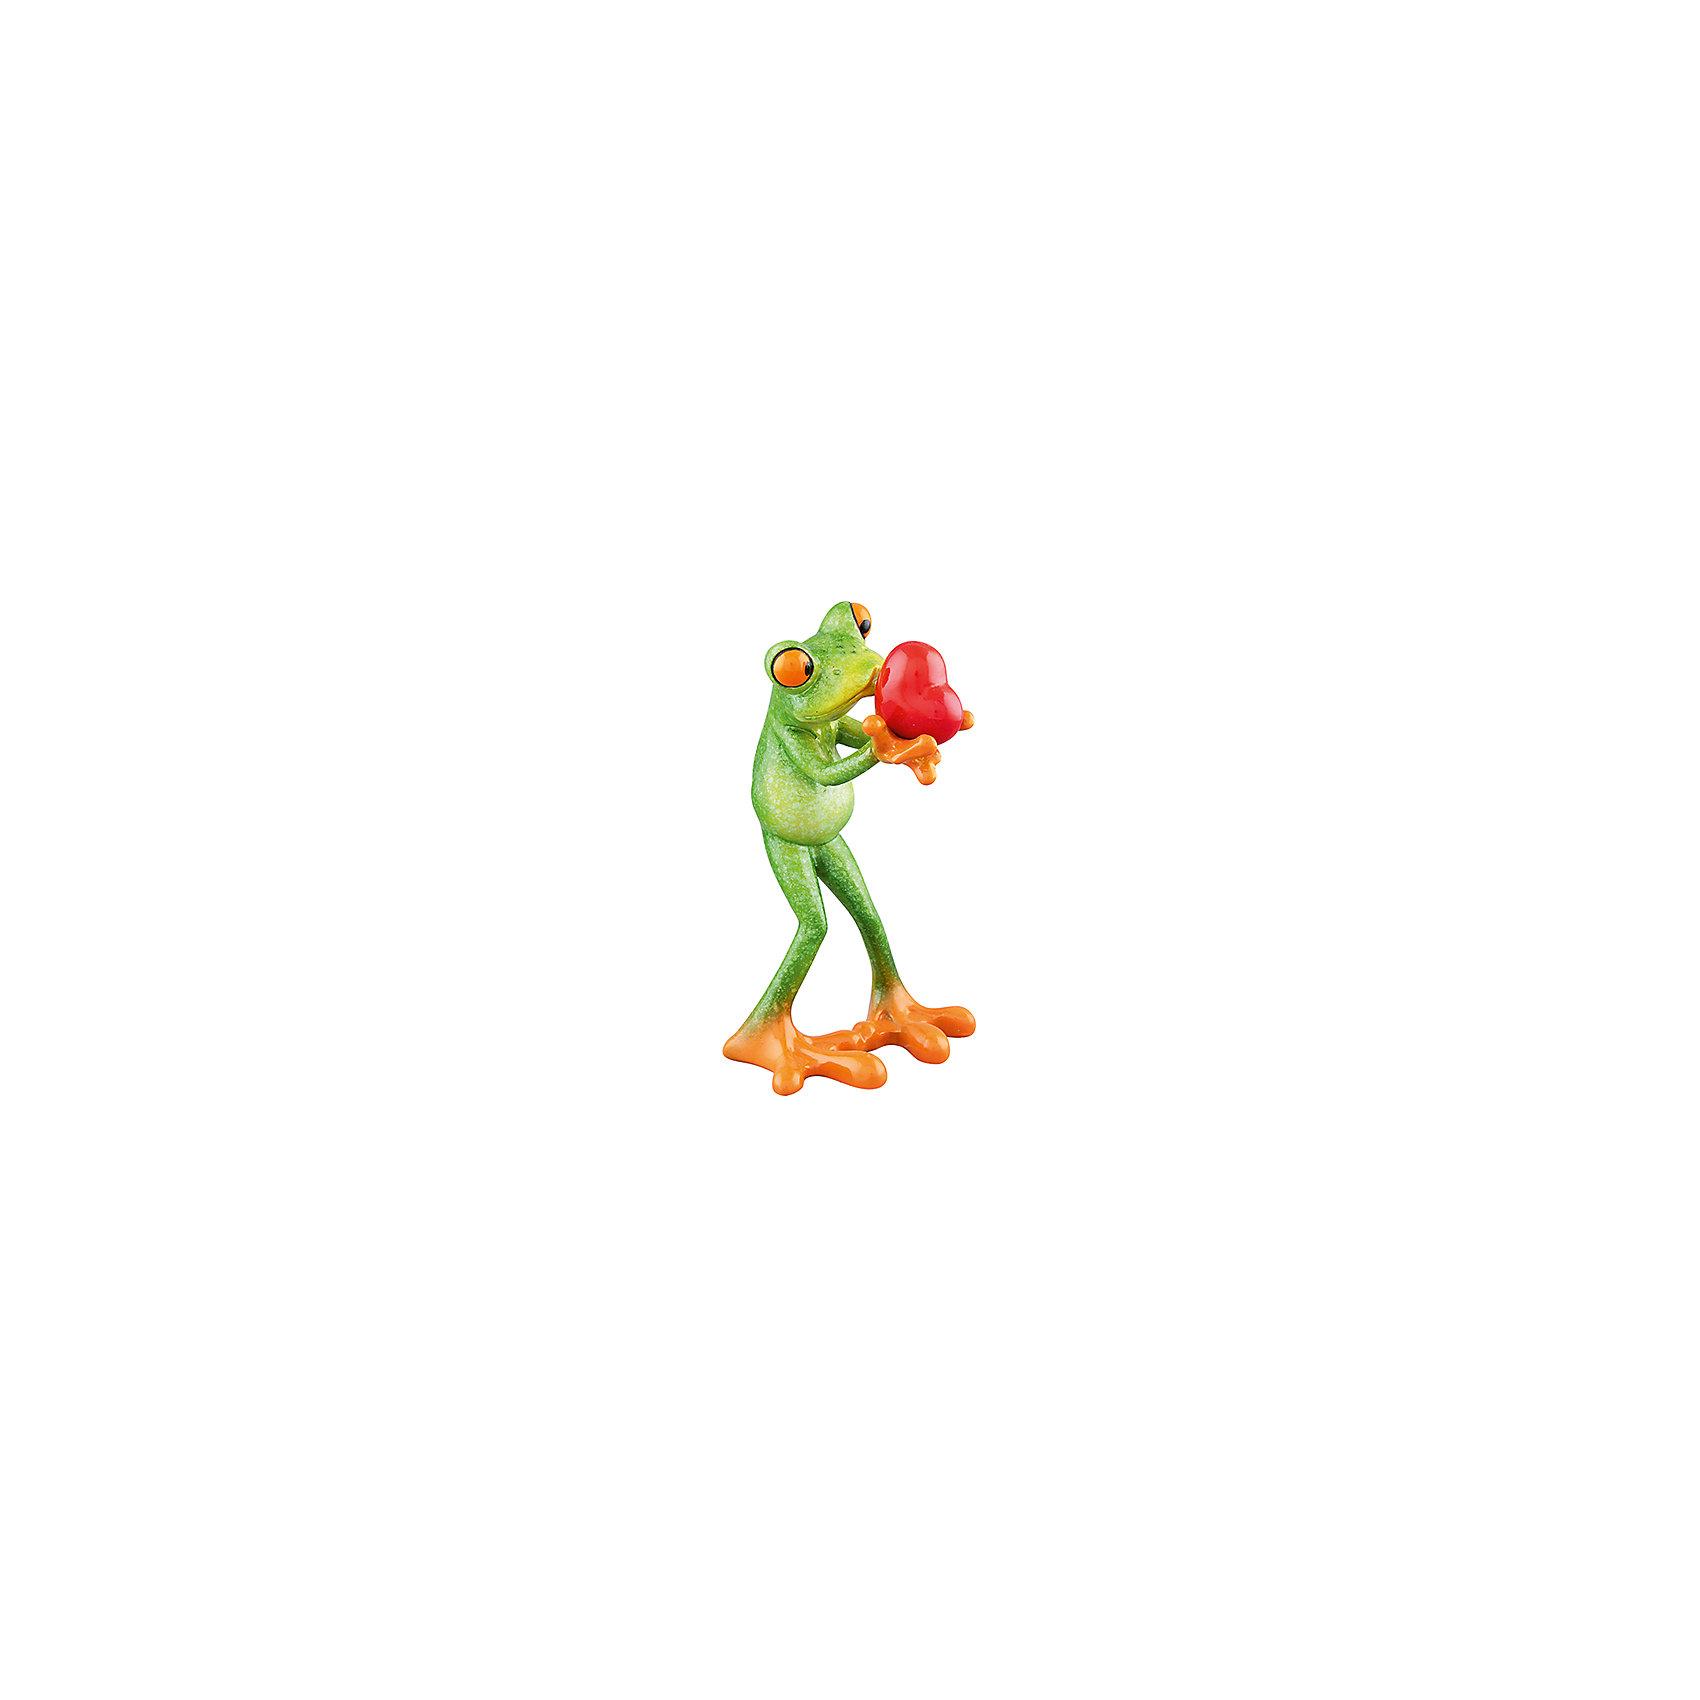 Фигурка декоративная Лягушка с сердцем, Elan GalleryПредметы интерьера<br>Фигурка декоративная  Elan Gallery 8,2*8*14 см. Лягушка с сердцем, Elan Gallery Декоративные фигурки в виде забавных лягушат, изготовленные из полистоуна, станут необычным аксессуаром для вашего интерьера. Эти очаровательные вещицы станут отличным подарком Вашим друзьям и близким.<br><br>Ширина мм: 123<br>Глубина мм: 113<br>Высота мм: 184<br>Вес г: 222<br>Возраст от месяцев: 0<br>Возраст до месяцев: 1188<br>Пол: Унисекс<br>Возраст: Детский<br>SKU: 6669042